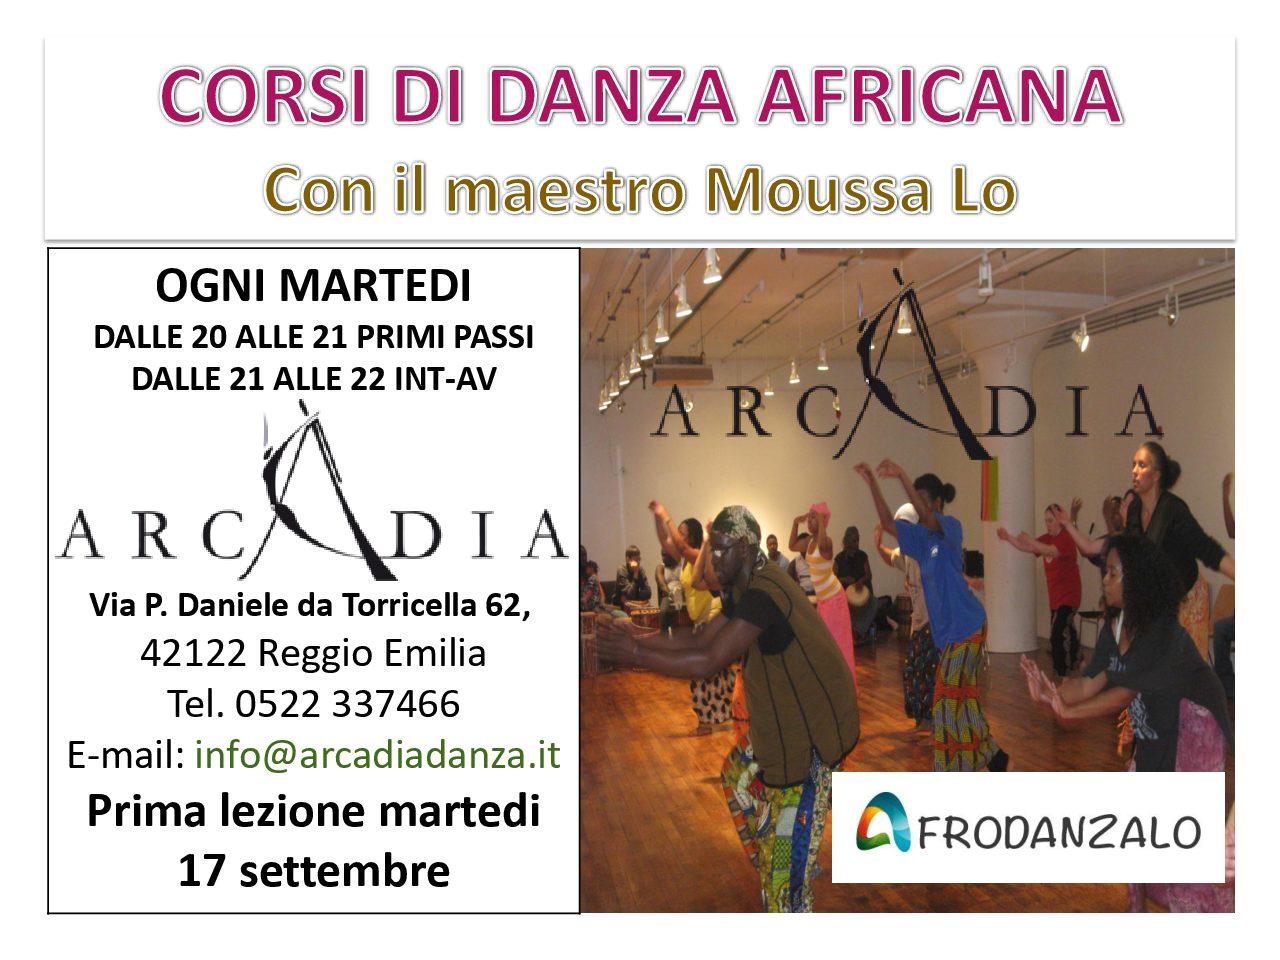 Corsi di danza africana Reggio Emilia